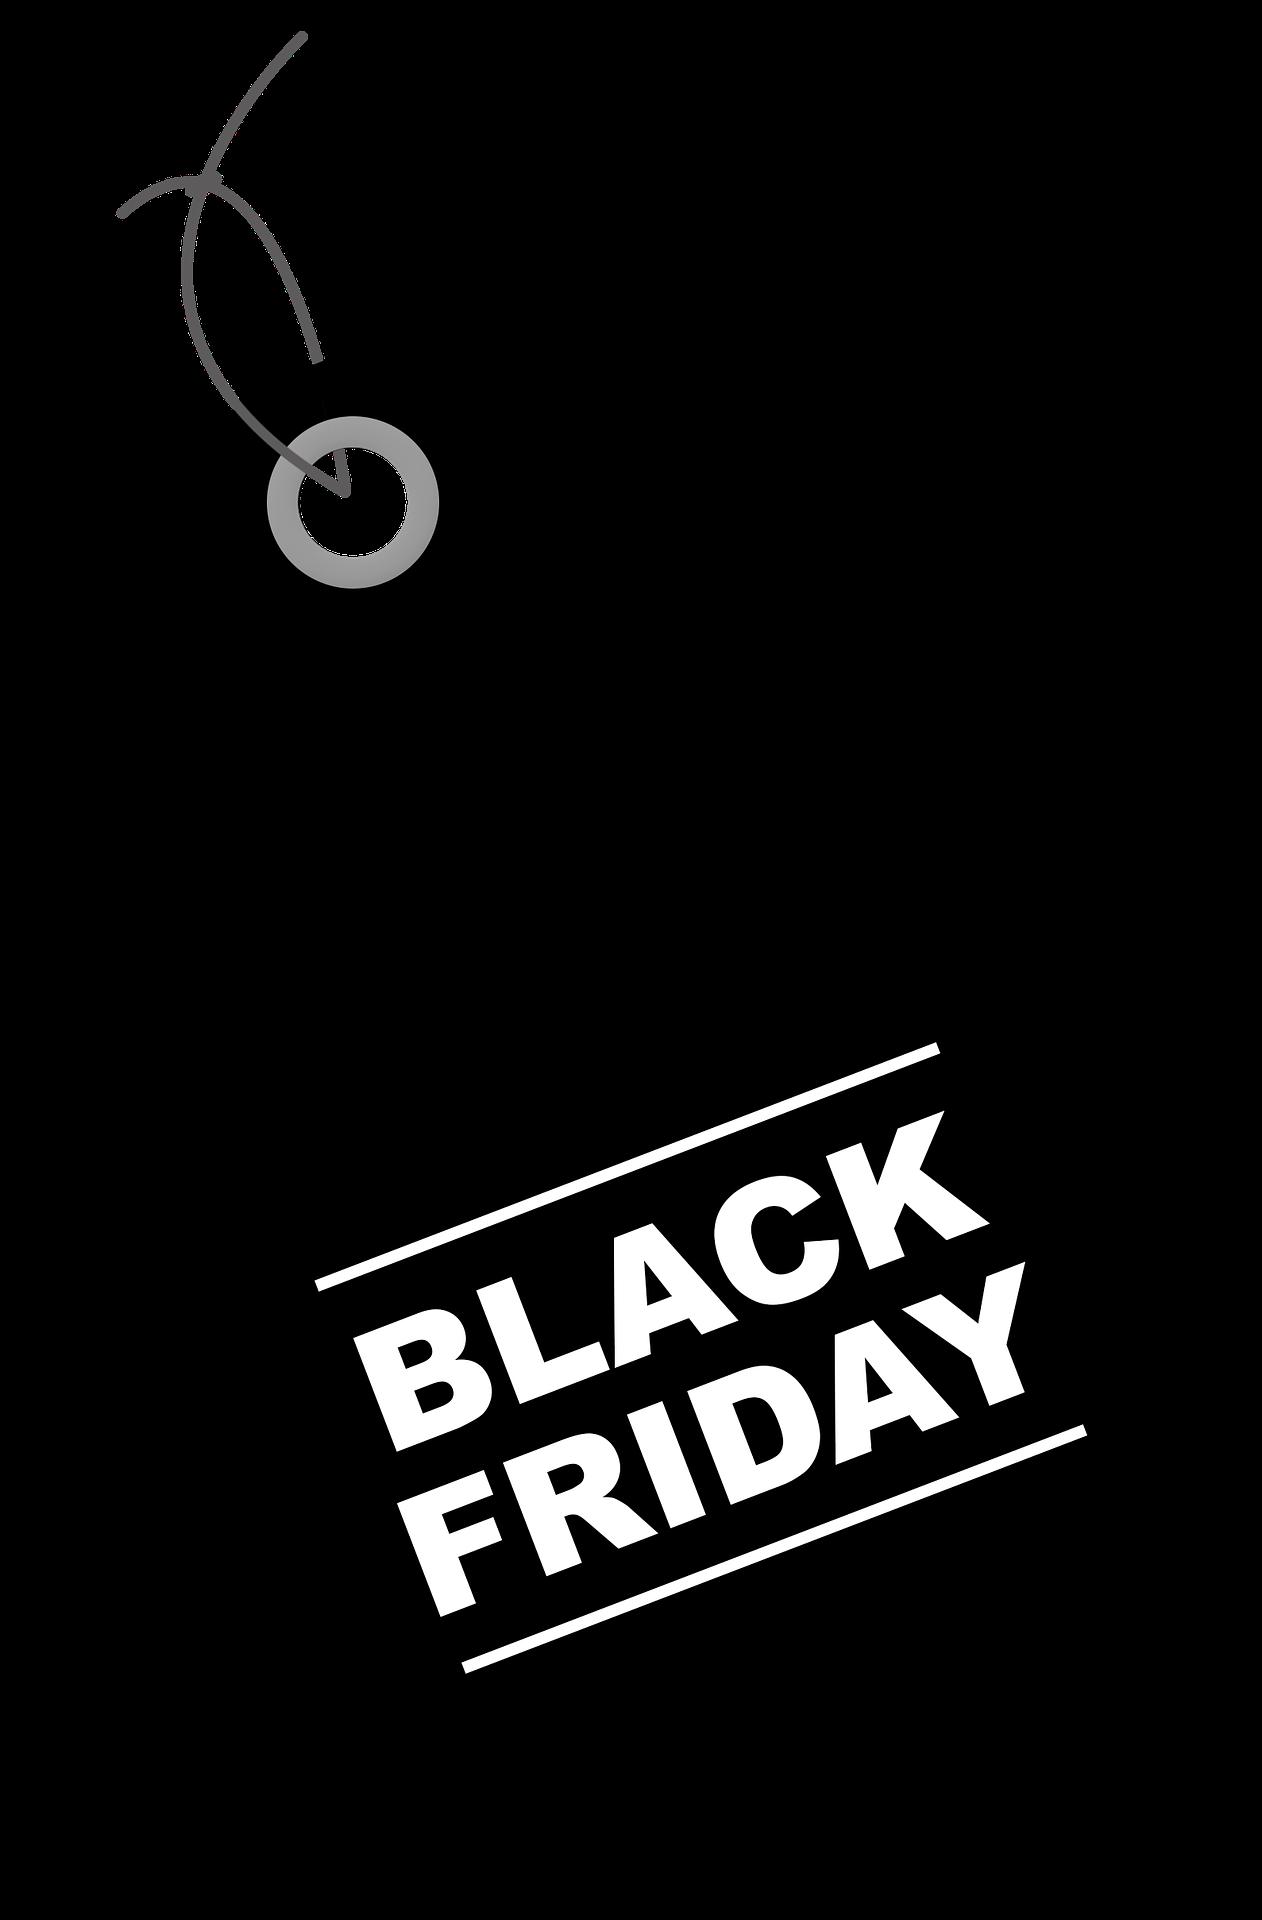 Tegoroczny Black Friday rekordowy pod względem poszukiwania okazji